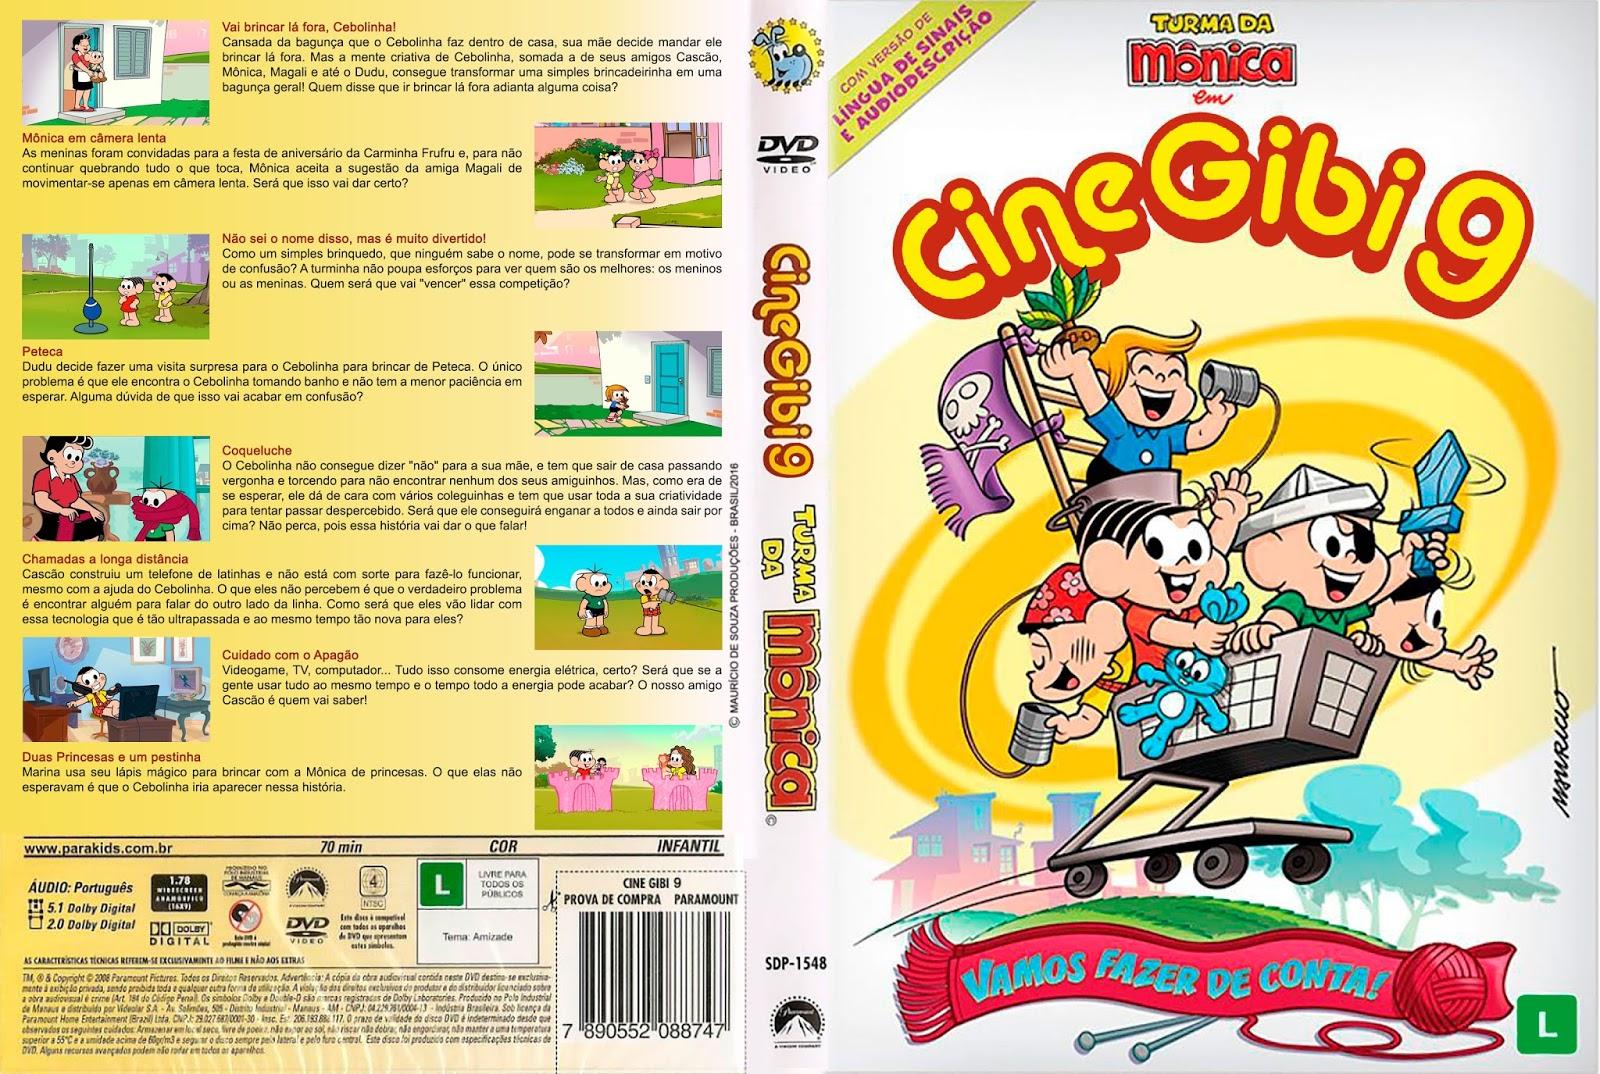 Download Turma da Mônica Cine Gibi 9 DVD-R Download Turma da Mônica Cine Gibi 9 DVD-R Turma 2BDa 2BM 25C3 25B4nica 2BEm 2BCine Gibi 2B9 2B 25282016 2529 2BOficial